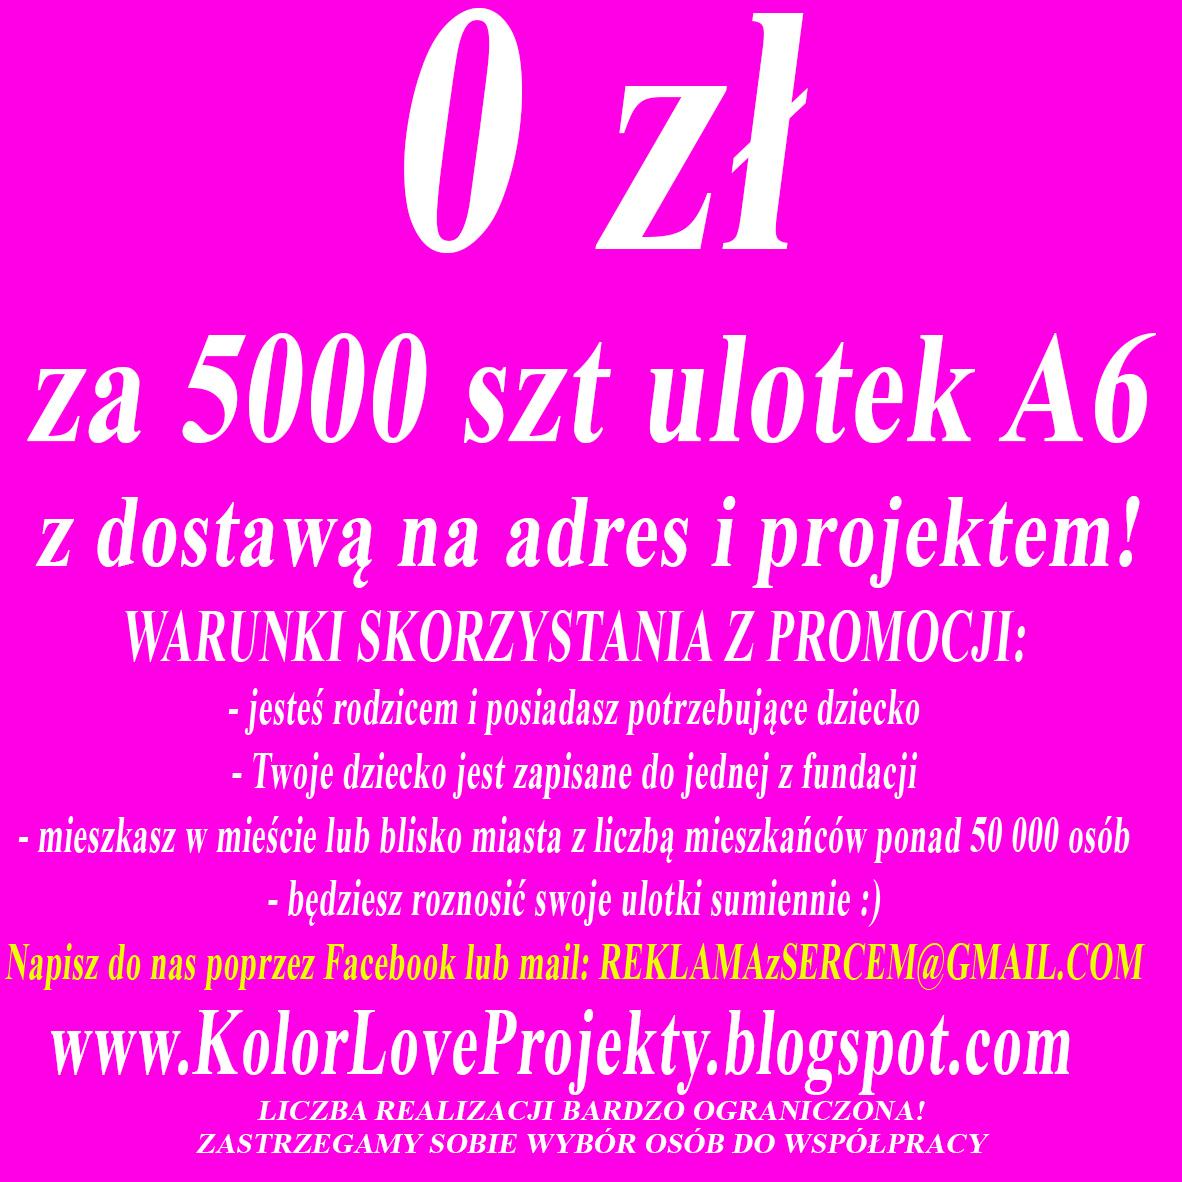 Tanie Ulotki Wizytówki Banery Plakaty Metki Projekty